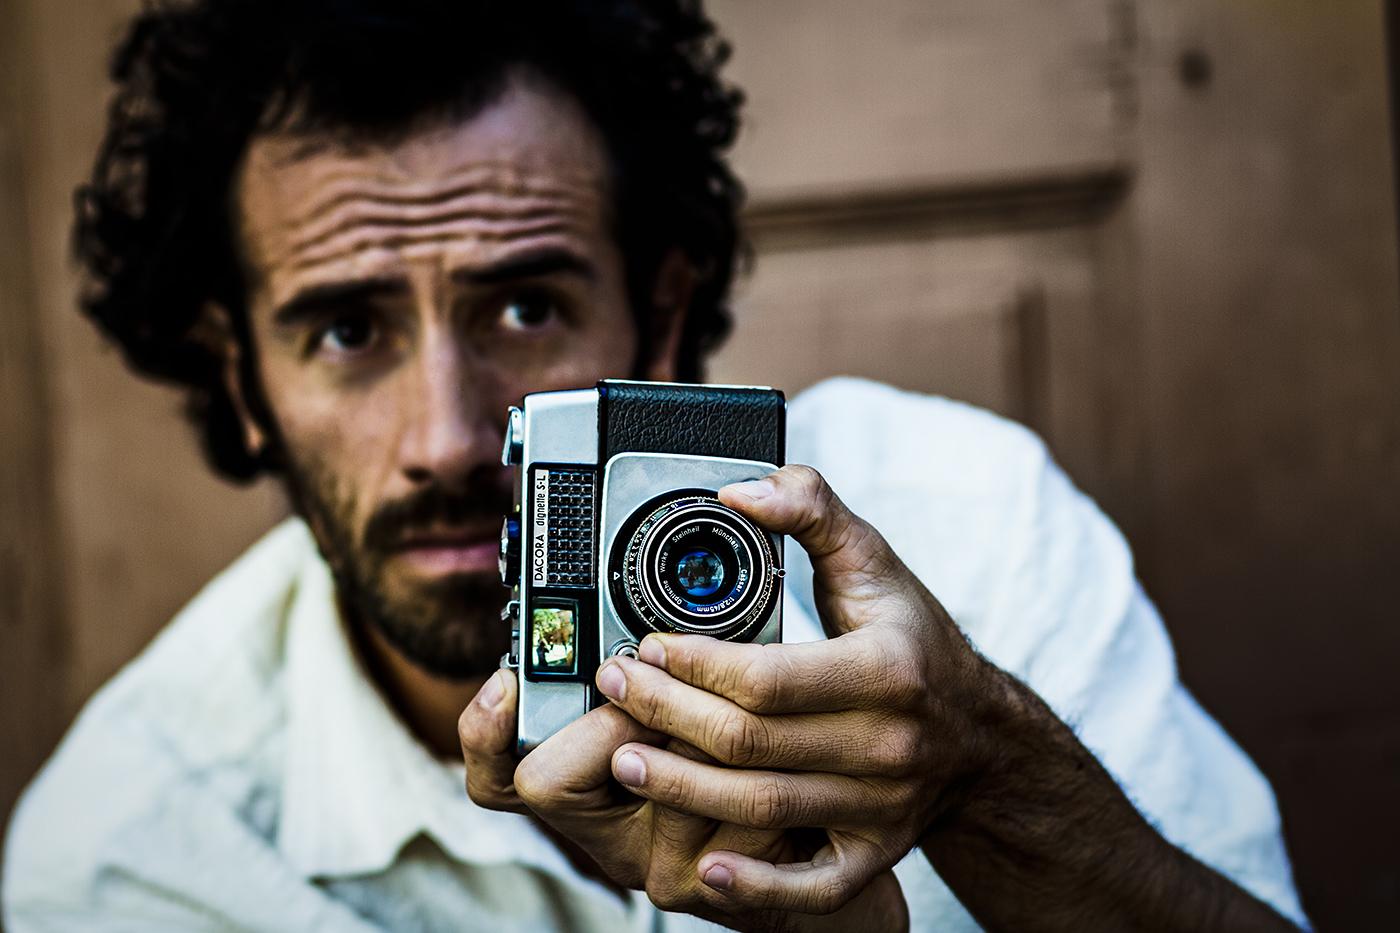 LIK Akademie für Foto und Design Meisterklasse digitale Fotografie_Produkt Kamera.jpg